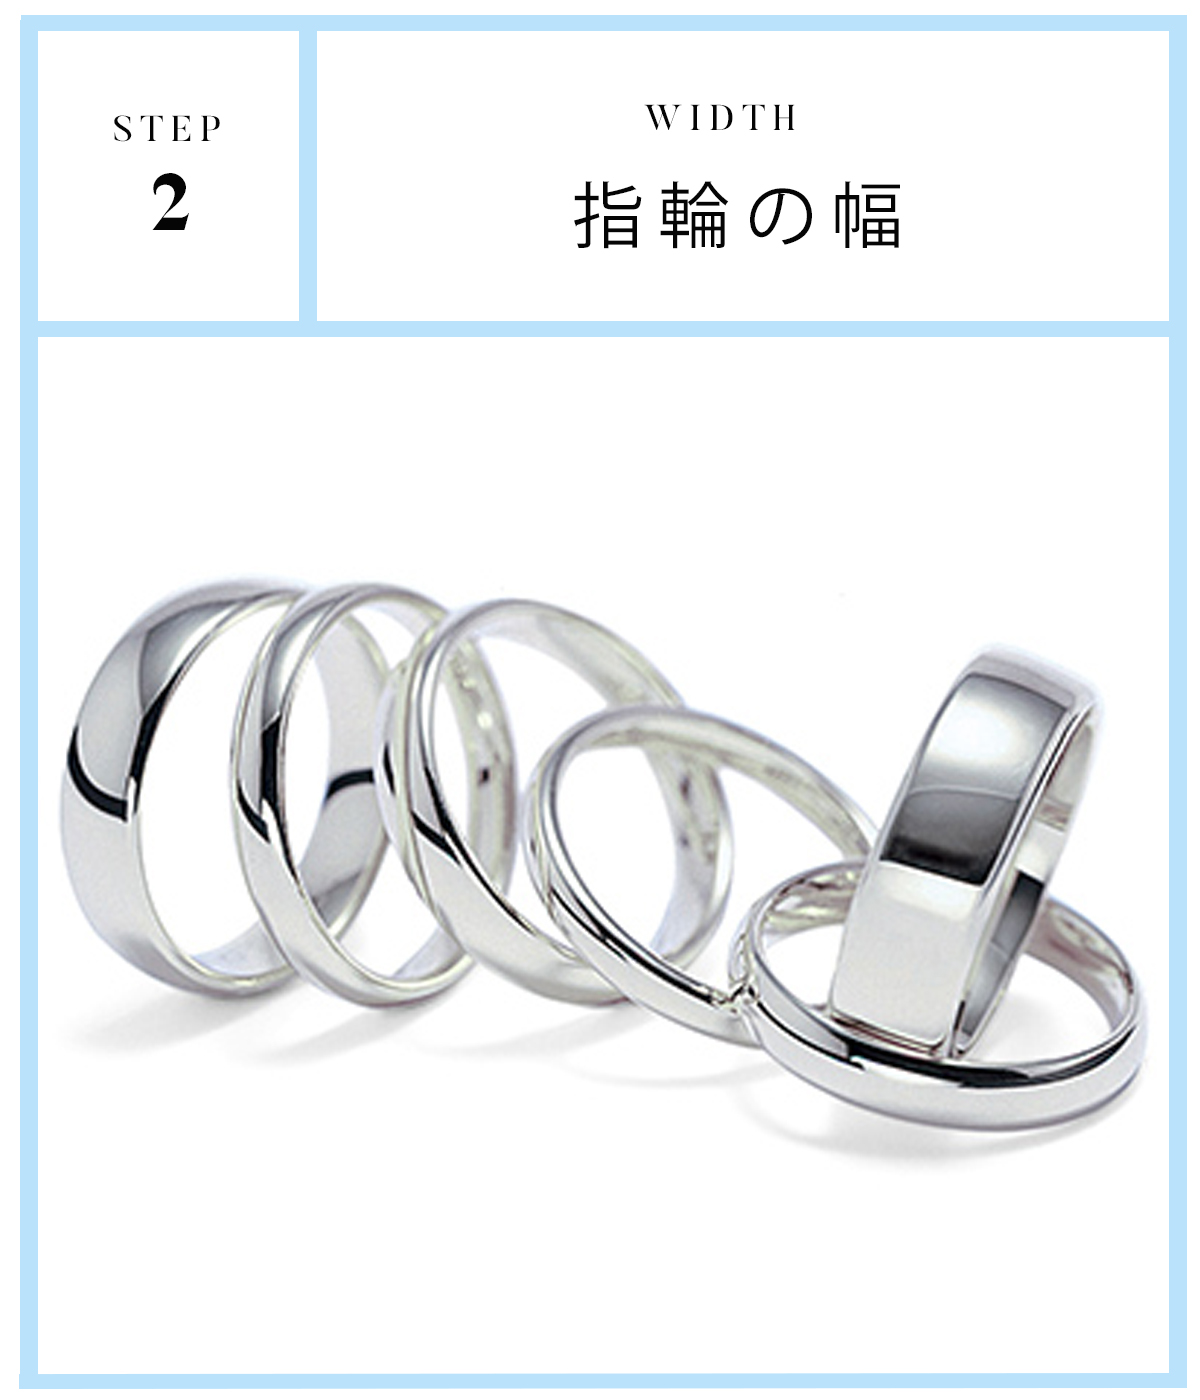 広島県広島市と広島県福山市のセレクトジュエリーショップヴァニラがおすすめするFURRERJACOTフラージャコ―の人気の結婚指輪シリーズ2